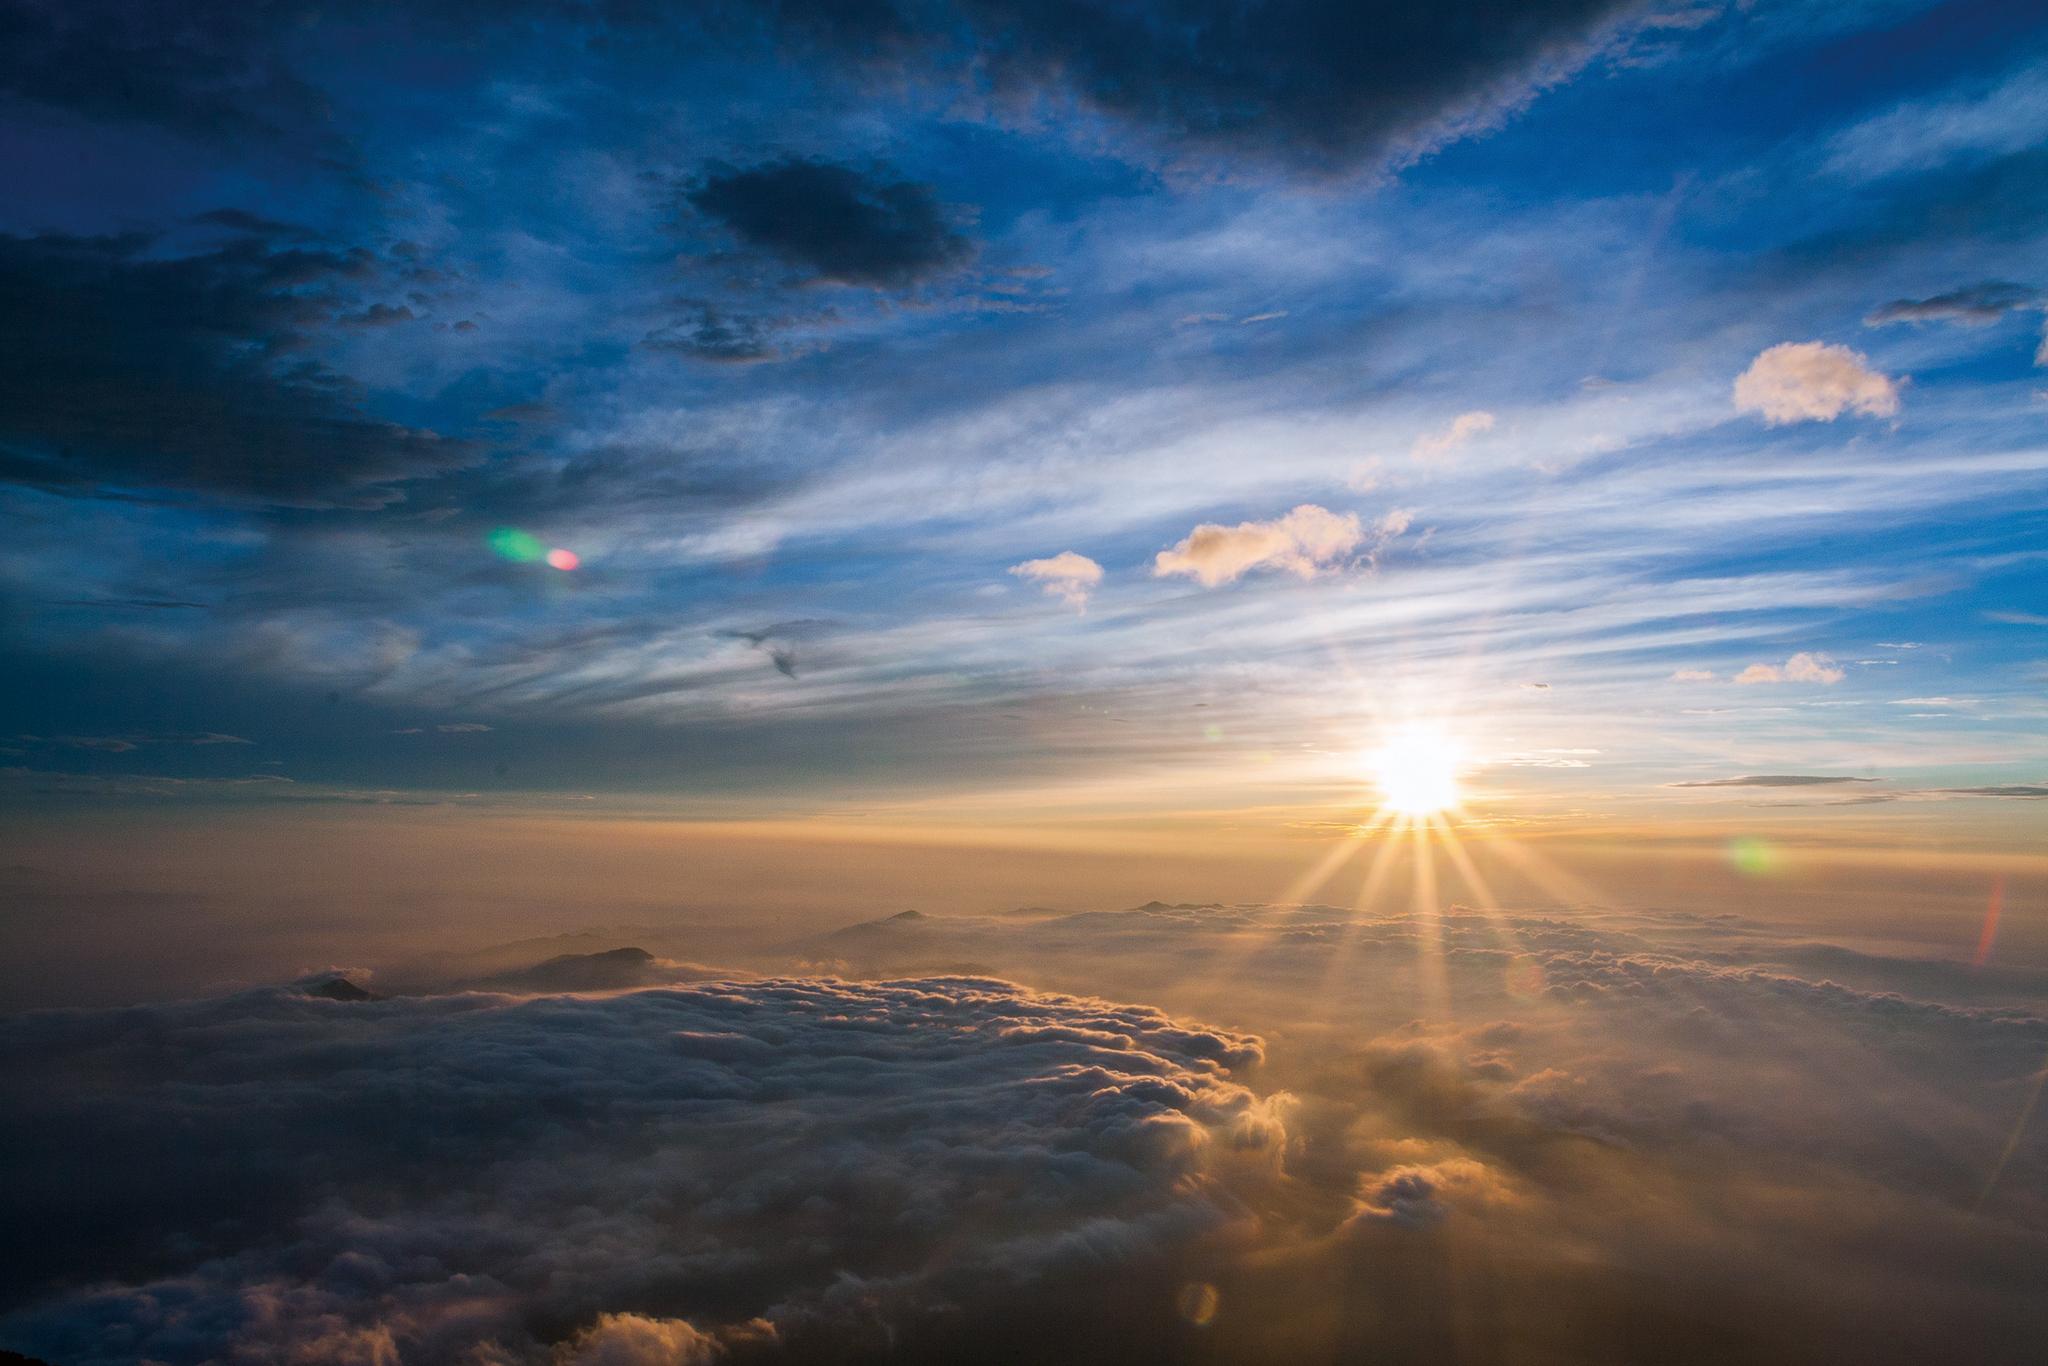 夜明け前が一番暗い 朝日を浴びるには東に向いていよう   人生は創作 ...